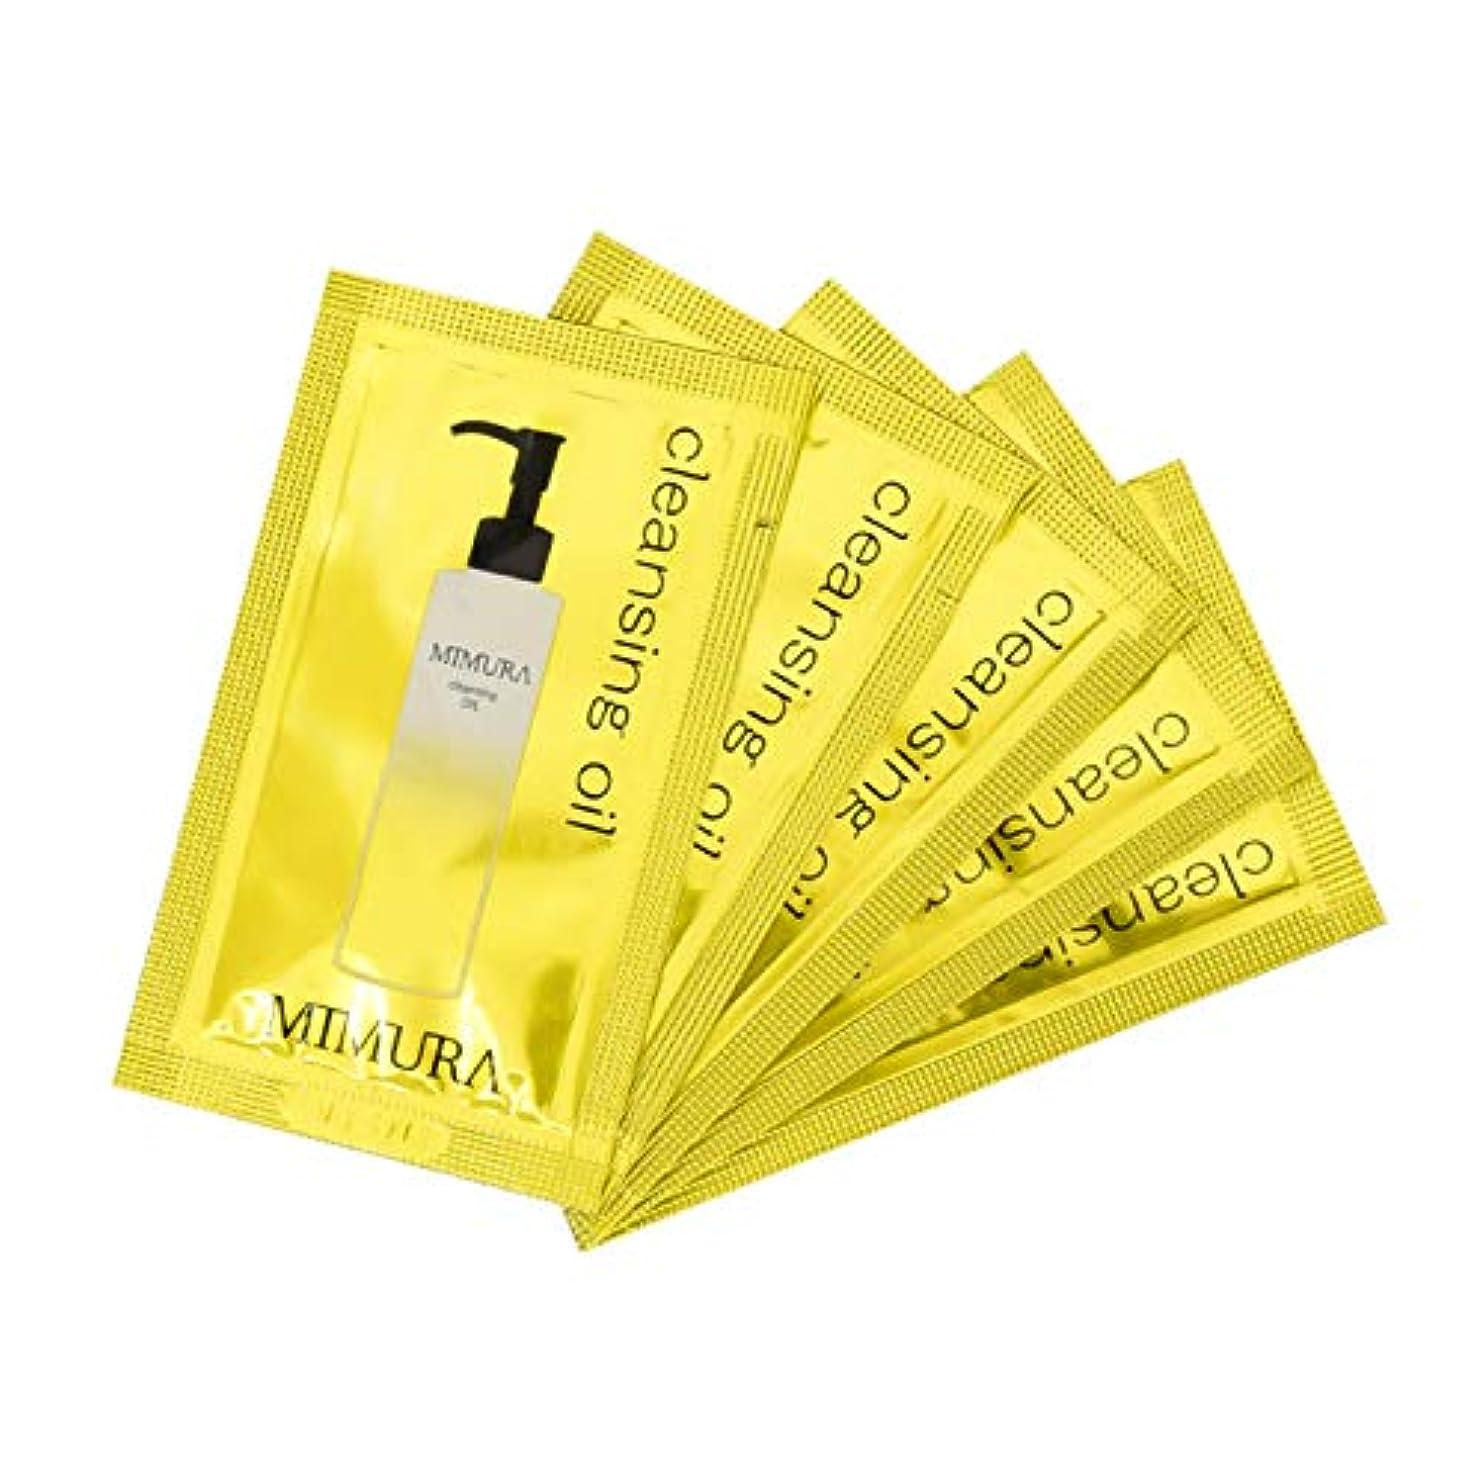 テンポガイドライン倒錯クレンジングオイル マツエク ok w洗顔不要 毛穴 メイク落とし ミムラ 試供品 5個入り ゆうパケット(ポスト投函)での発送となります。 MIMURA 日本製 ※おひとり様1点、1回限りとなります。